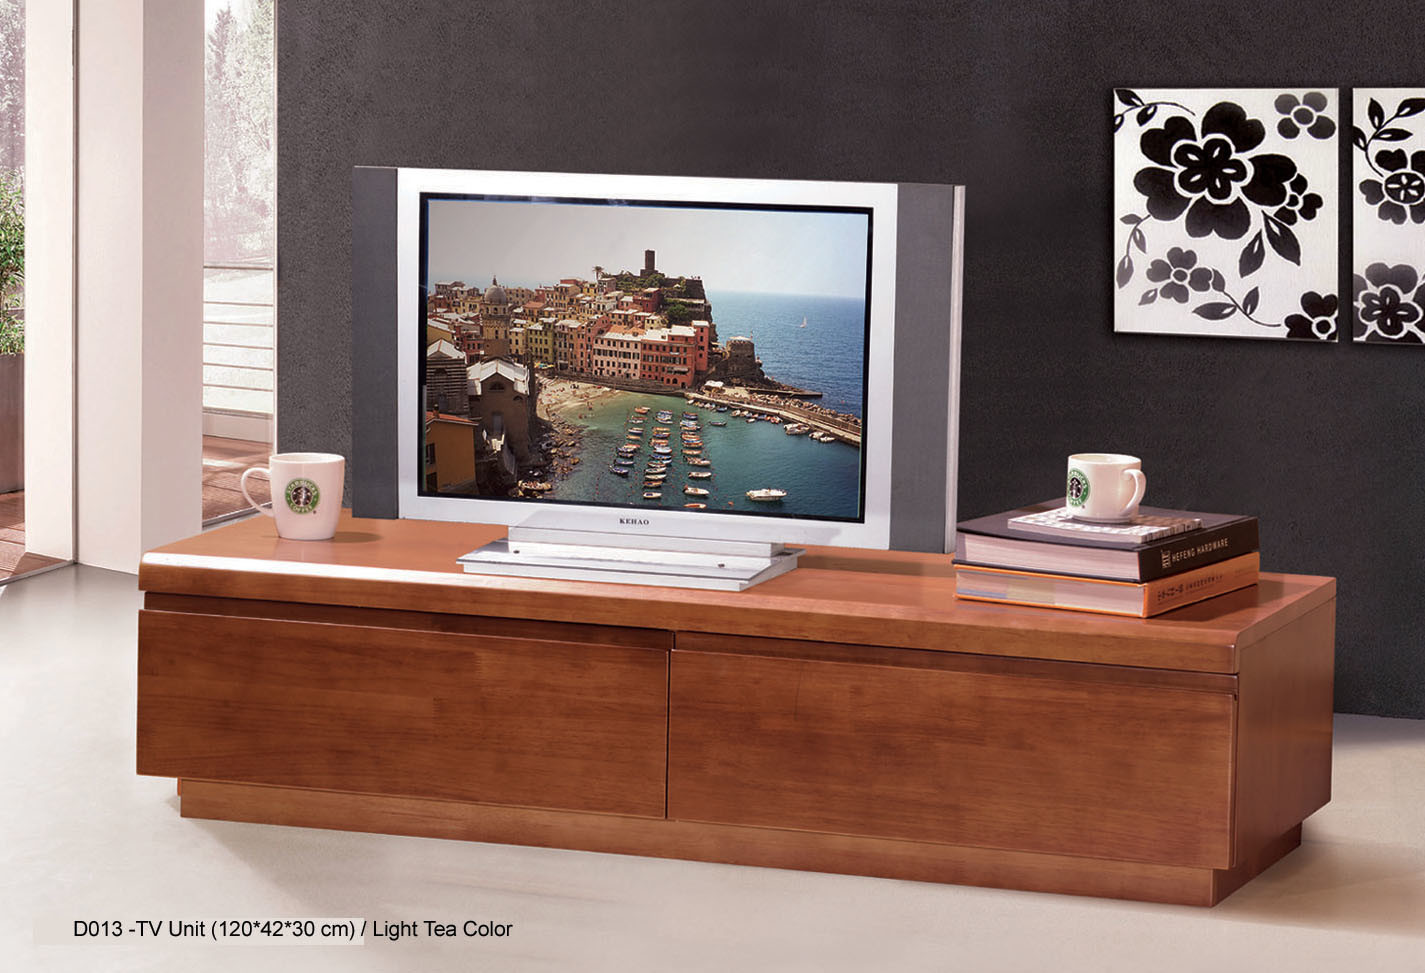 Soporte de madera de la tv para los muebles de la sala de for Muebles de madera para tv